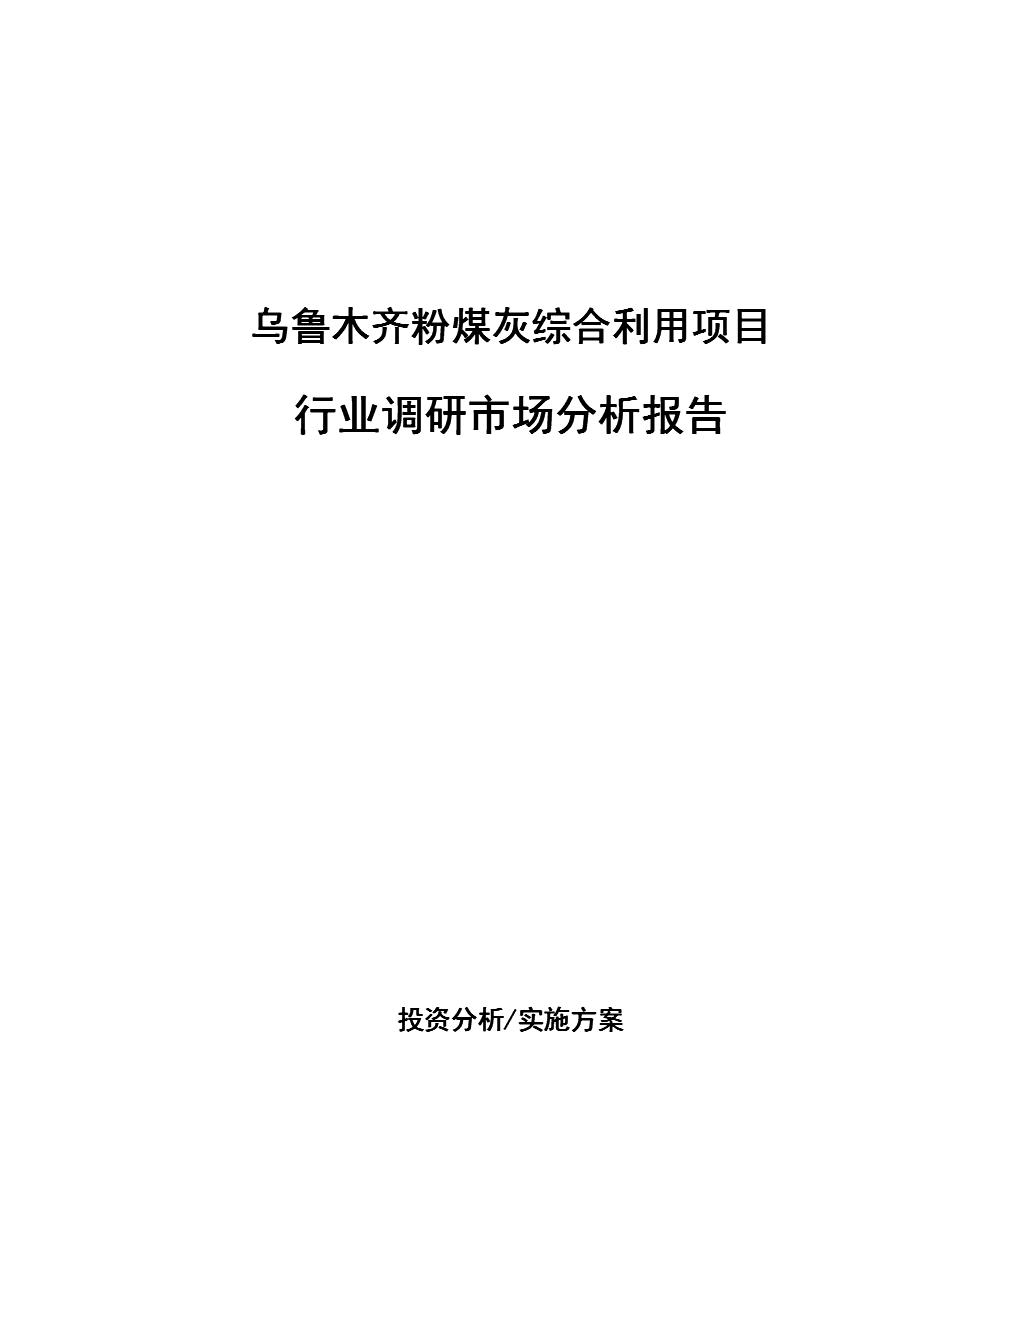 乌鲁木齐粉煤灰综合利用项目行业调研市场分析报告.docx